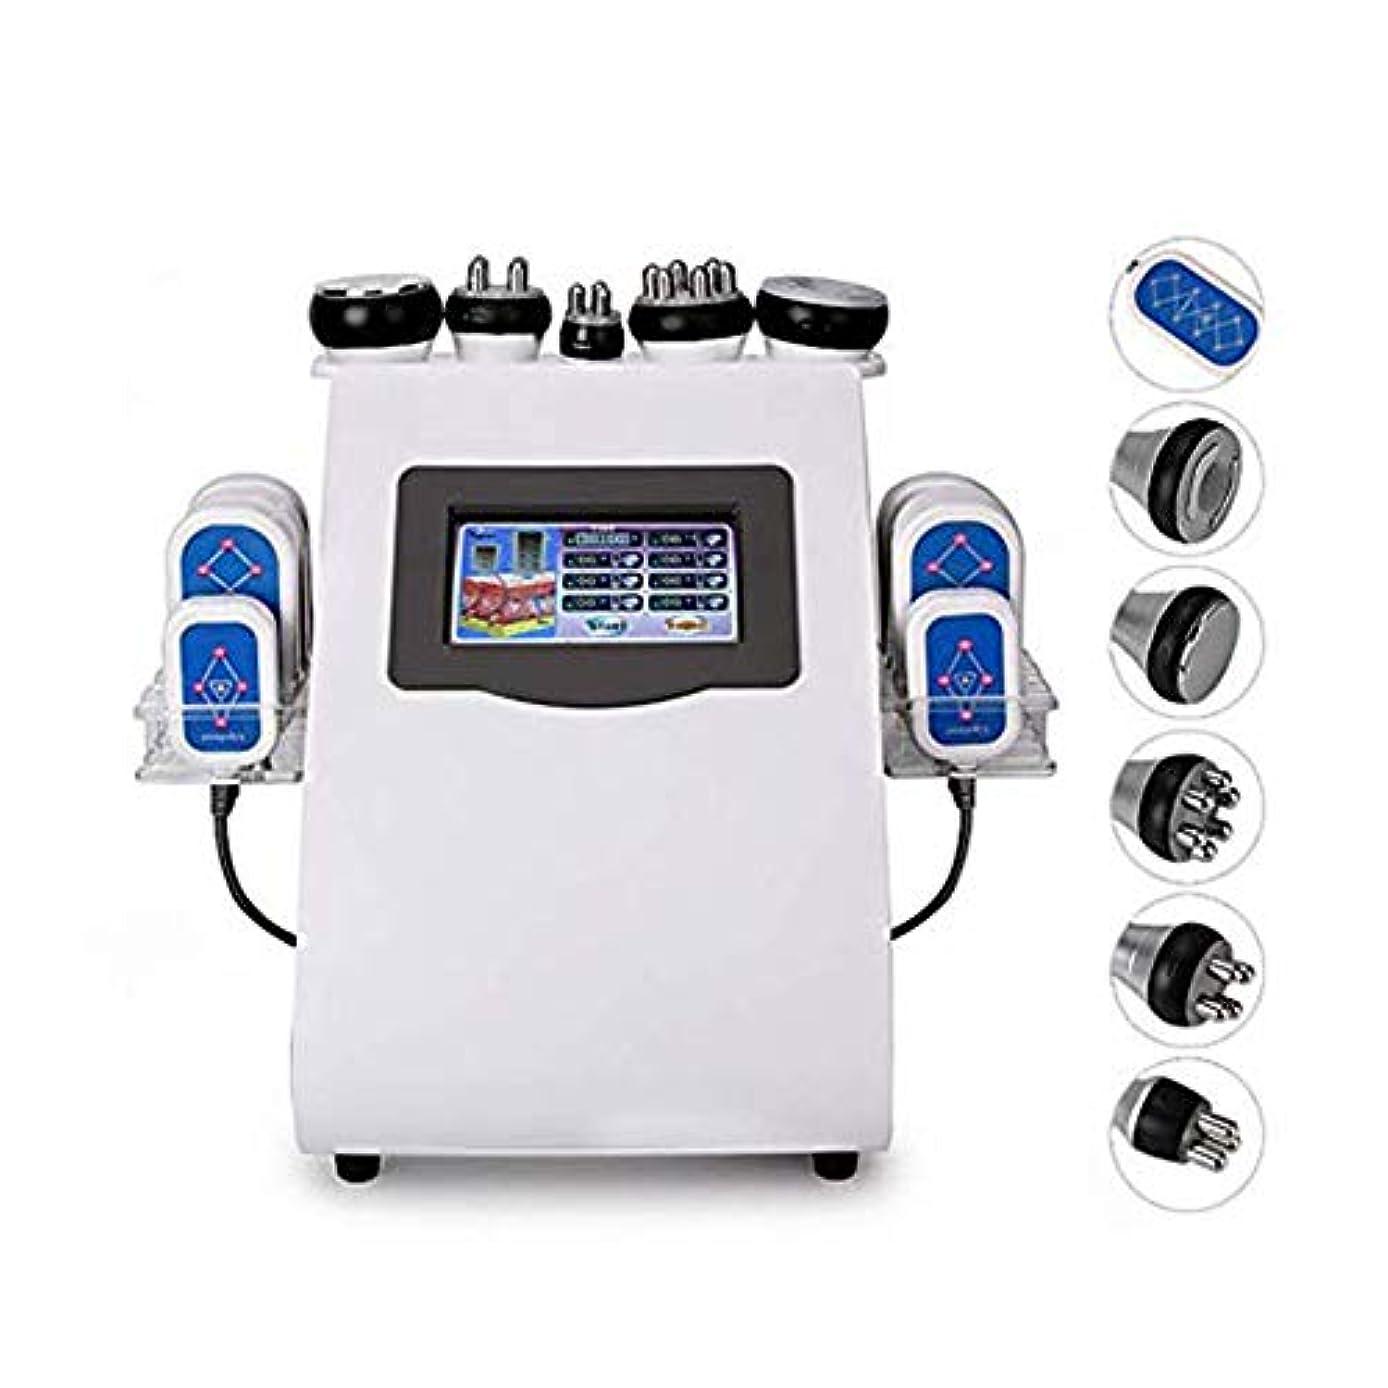 動揺させる空気鉱石超音波キャビテーション抗セルライトネガティブボディ痩身マシン、脂肪燃焼と無線周波数アンチエイジングスキンリフティング引き締めしわ美容機器の除去